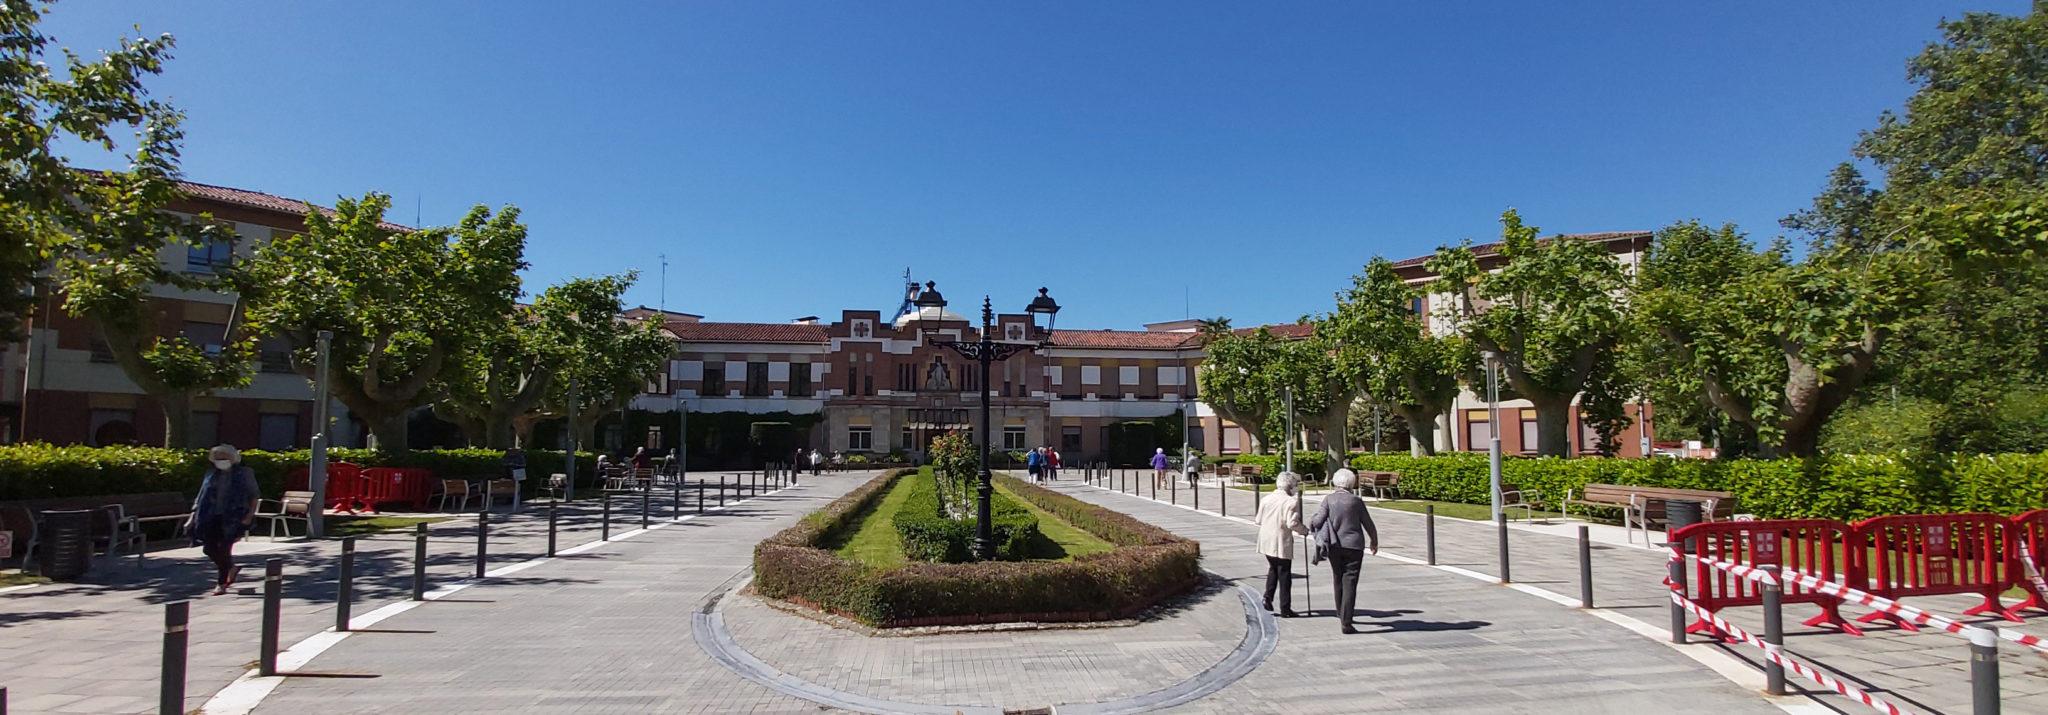 Puerta Principal De La Casa De Misericordia